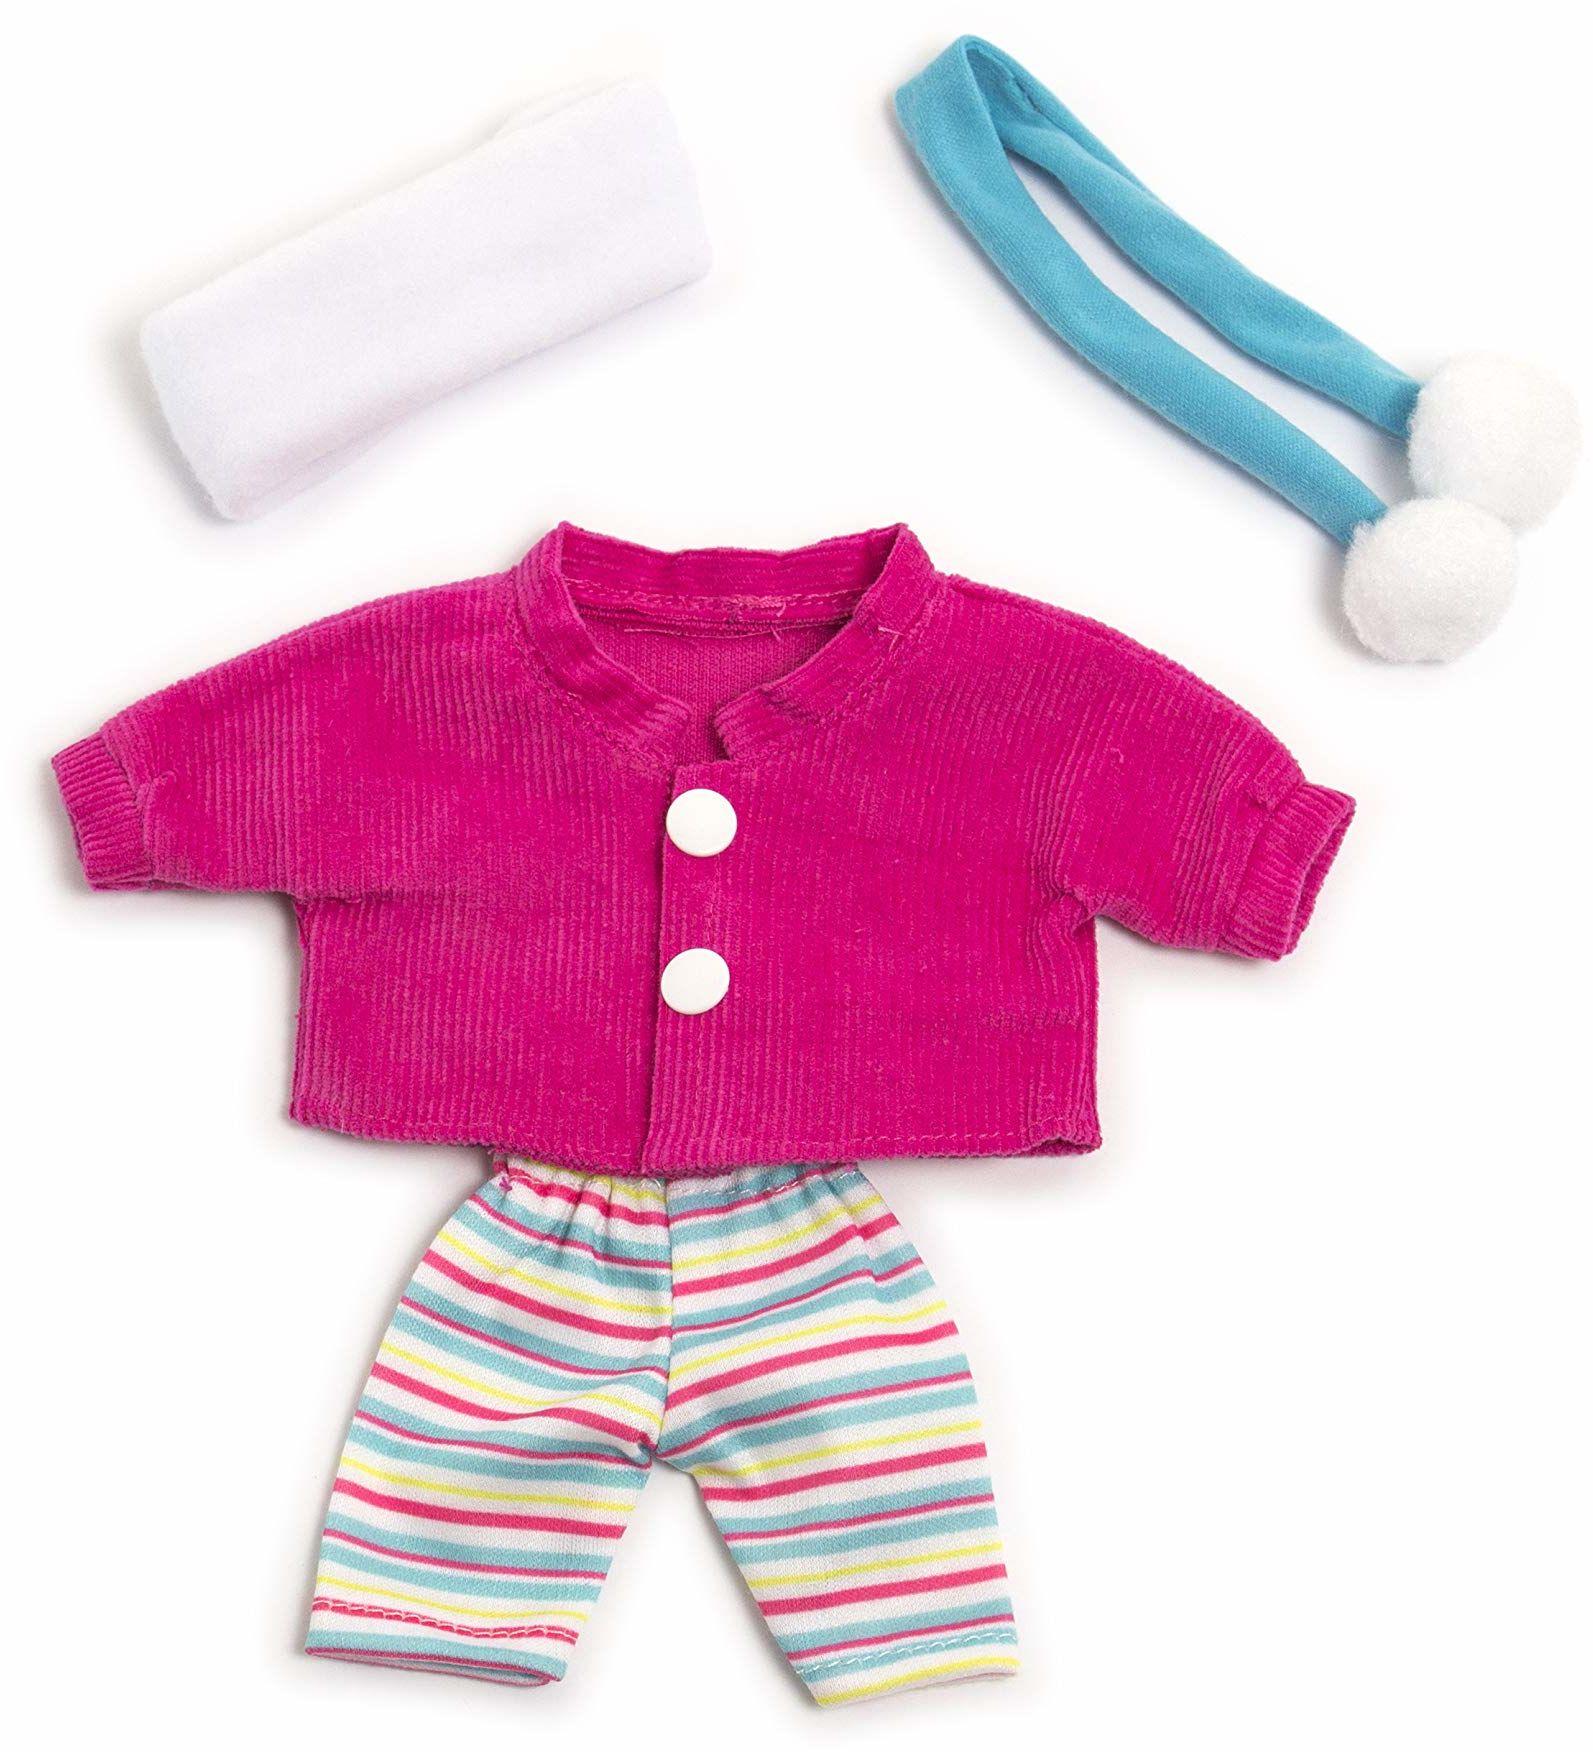 Miniland 31678 sukienka dla lalek, różowa, niebieska, biała, 21 cm